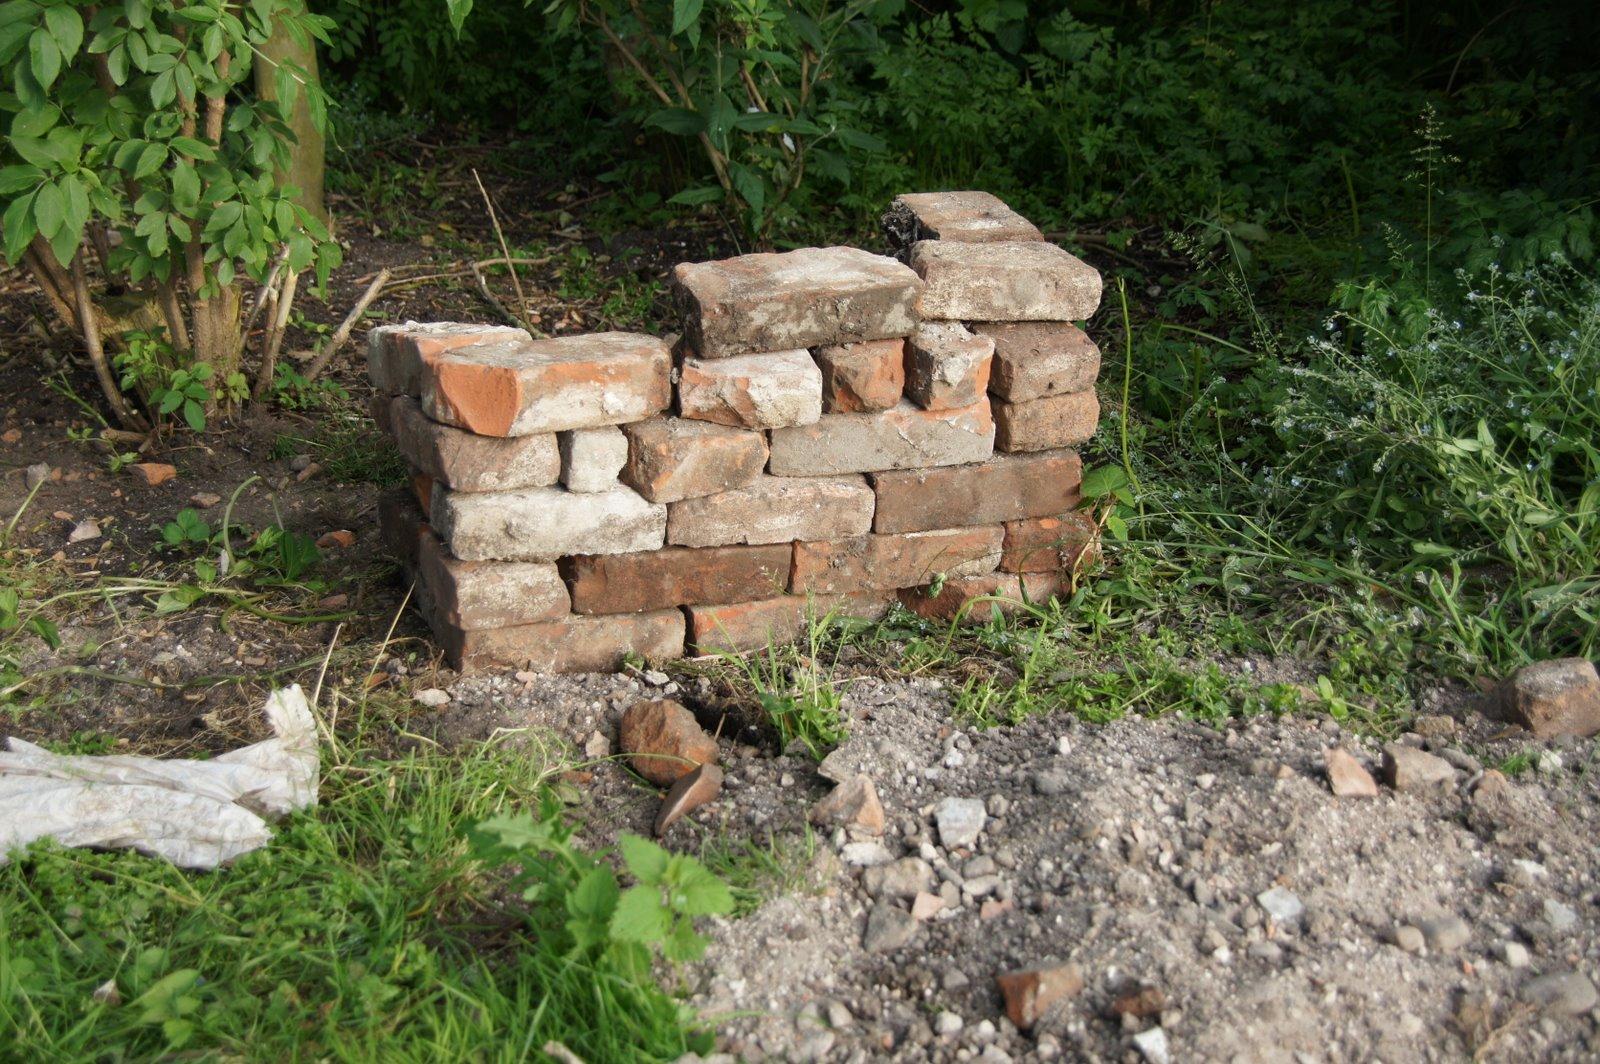 Van de stenen die ik vond, kon ik gewoon een muurtje metselen.